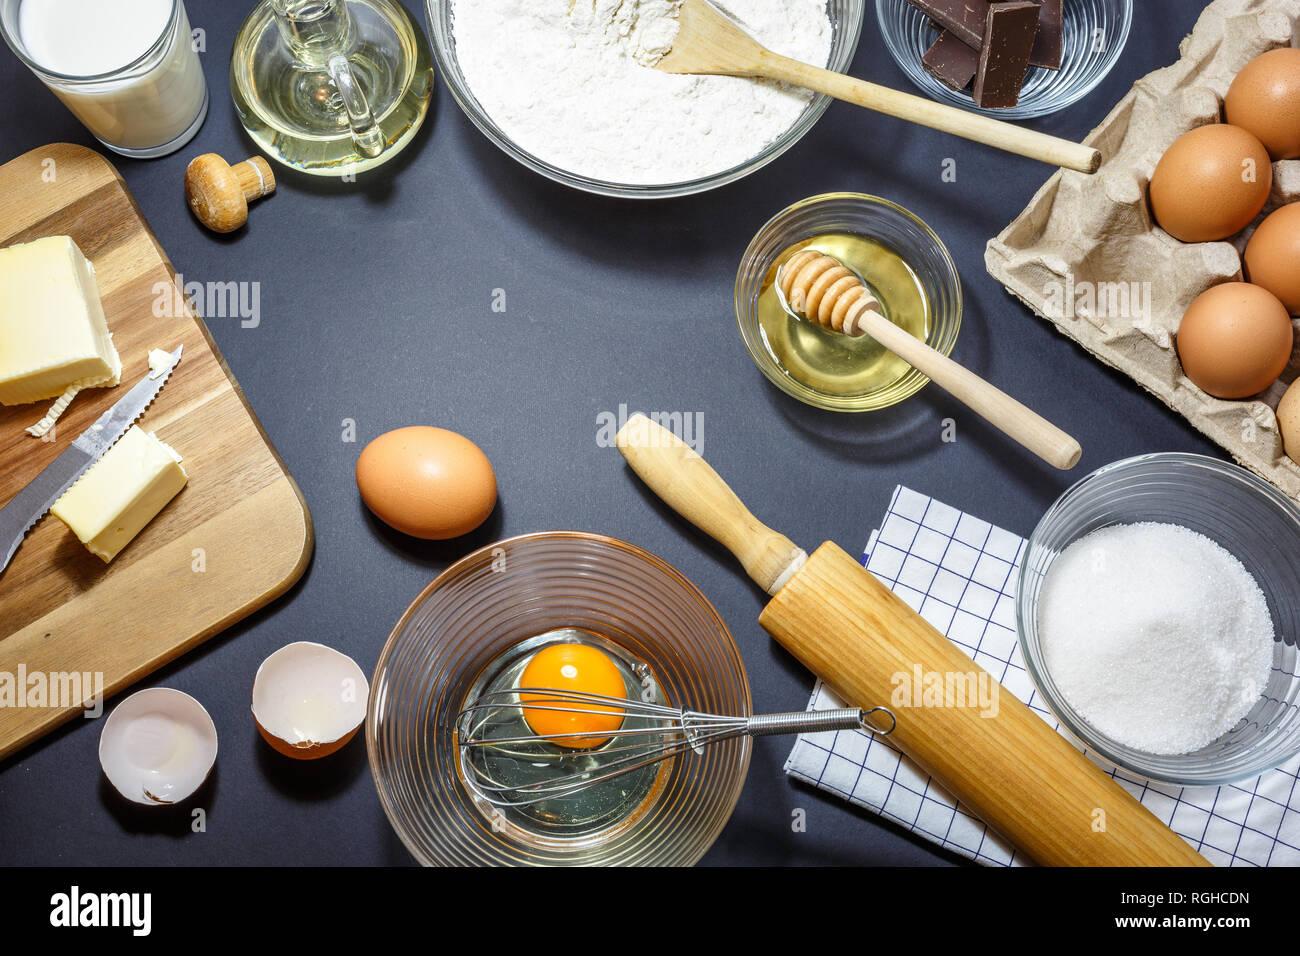 Küchengeräte Und Zutaten Für Kuchen Backen. Eier, Mehl, Öl